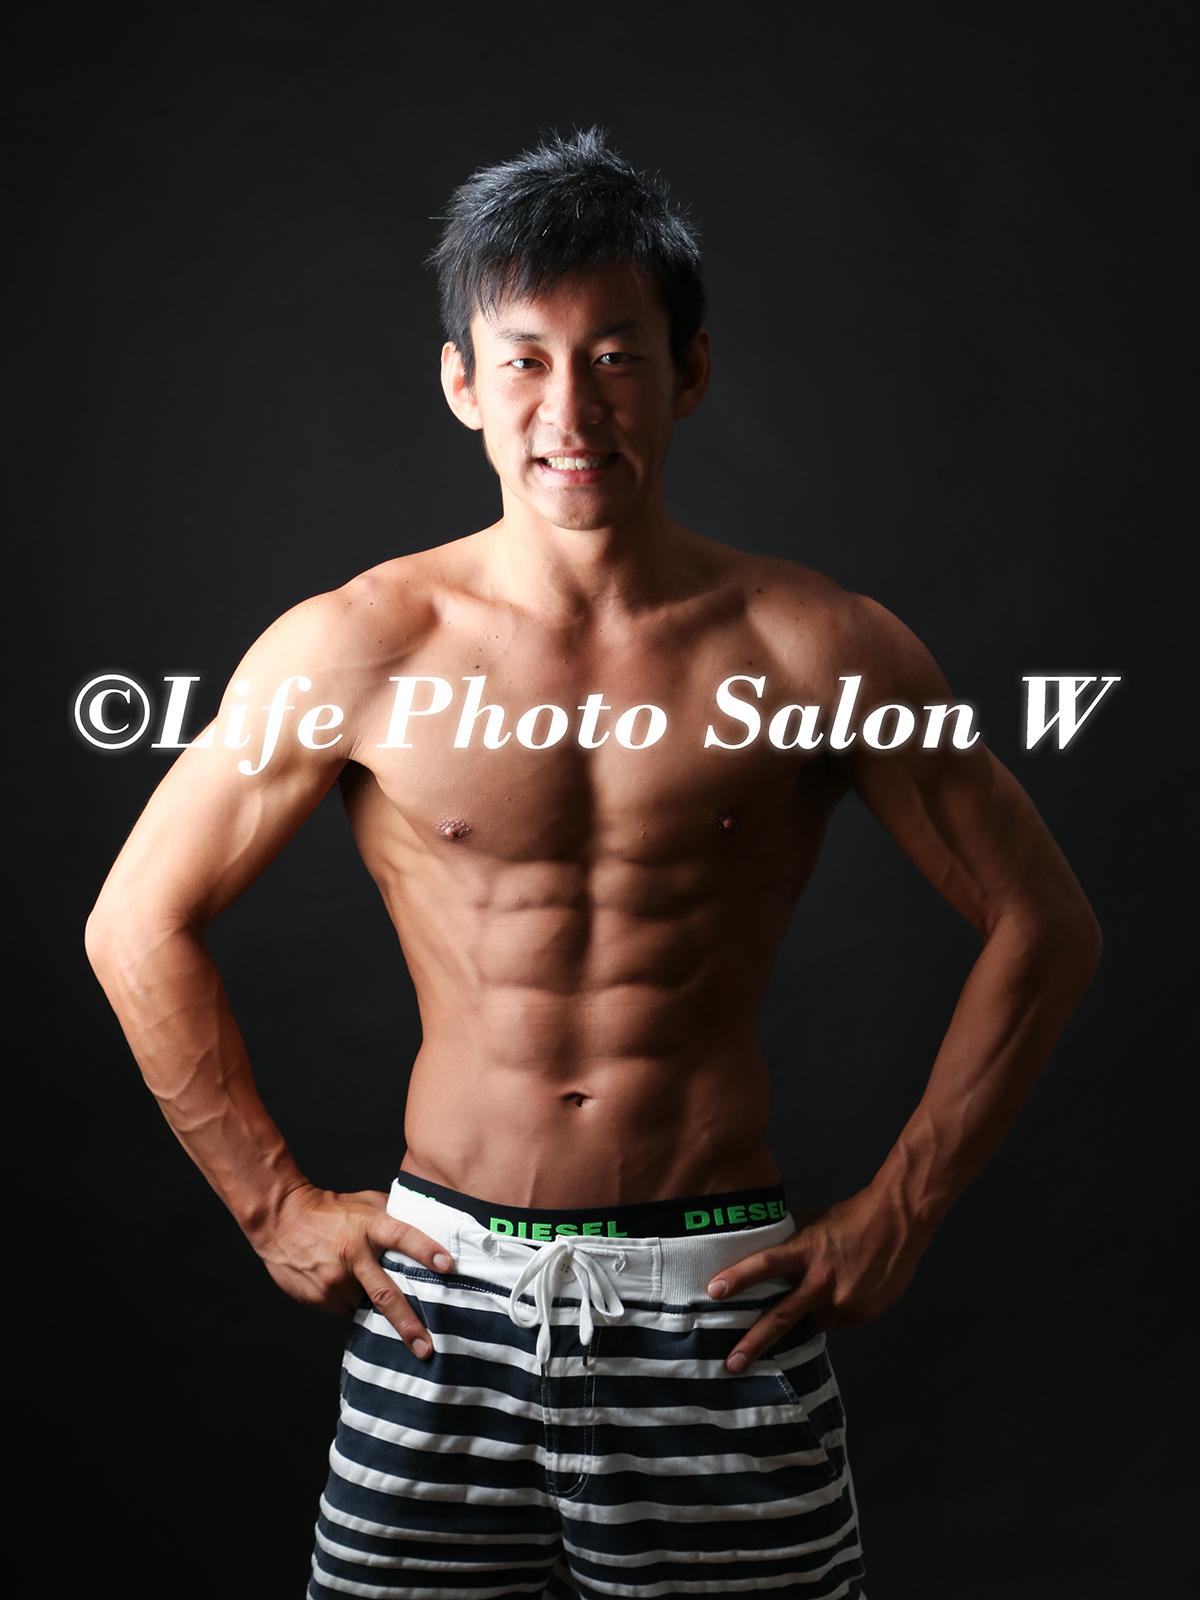 【東横線・元住吉】格闘技のプロフィール写真は黒背景で格好良く撮影しませんか?